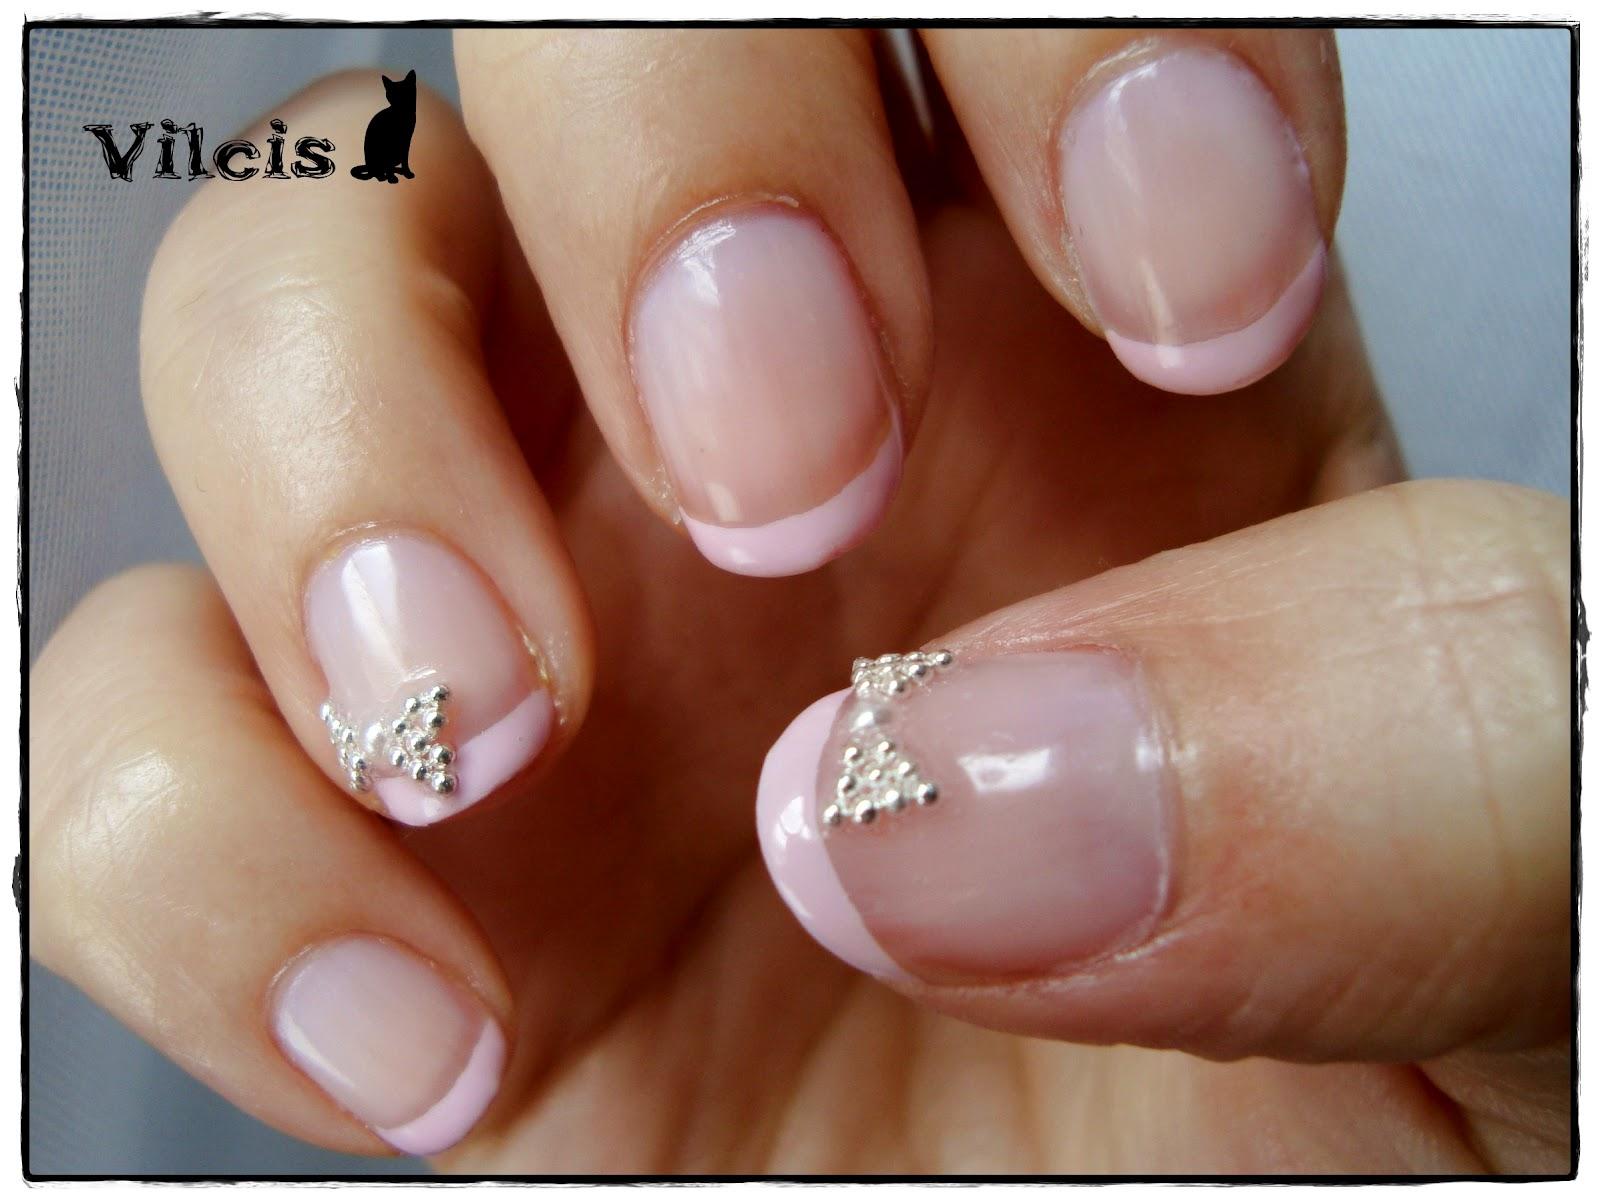 Vilcis nail designs: Desafío 31 días - Día 15 - Uñas diseño delicado